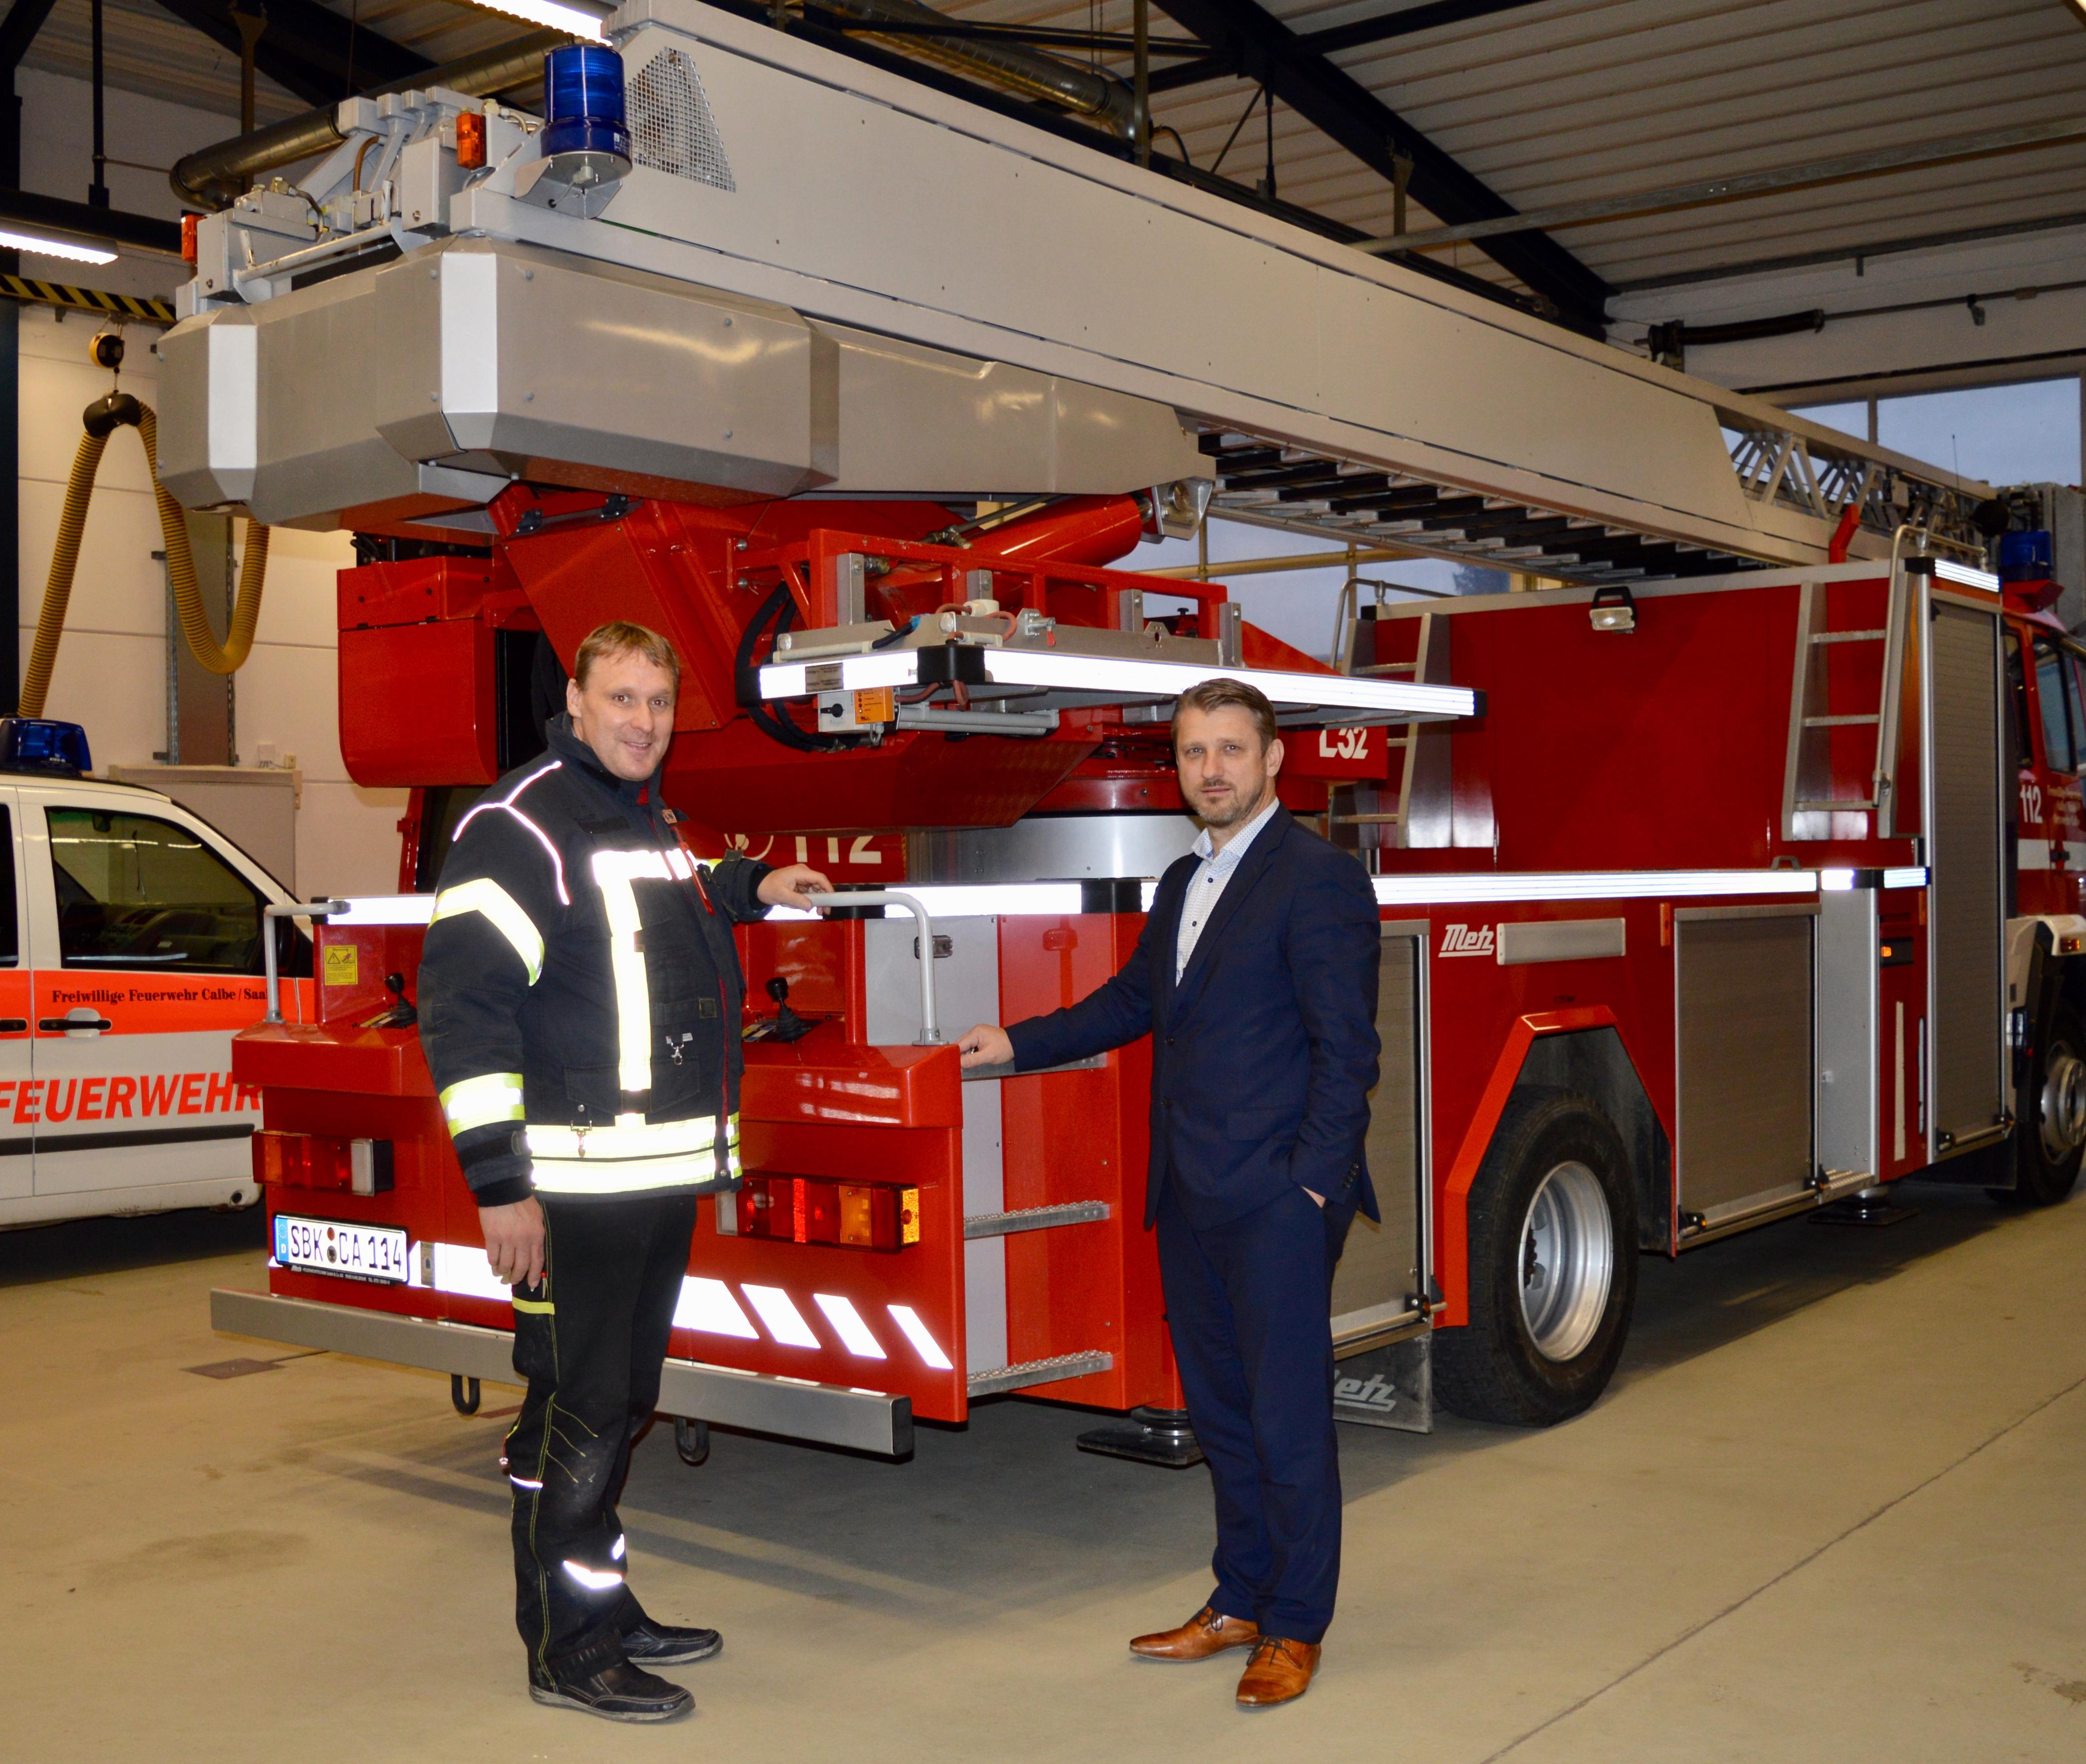 v.l. Ortswehrleiter Lars Roschkowski und Bürgermeister Sven Hause laden zum gemeinsamen Unternehmertag auf dem Gelände der Freiwilligen Feuerwehr Calbe ein.